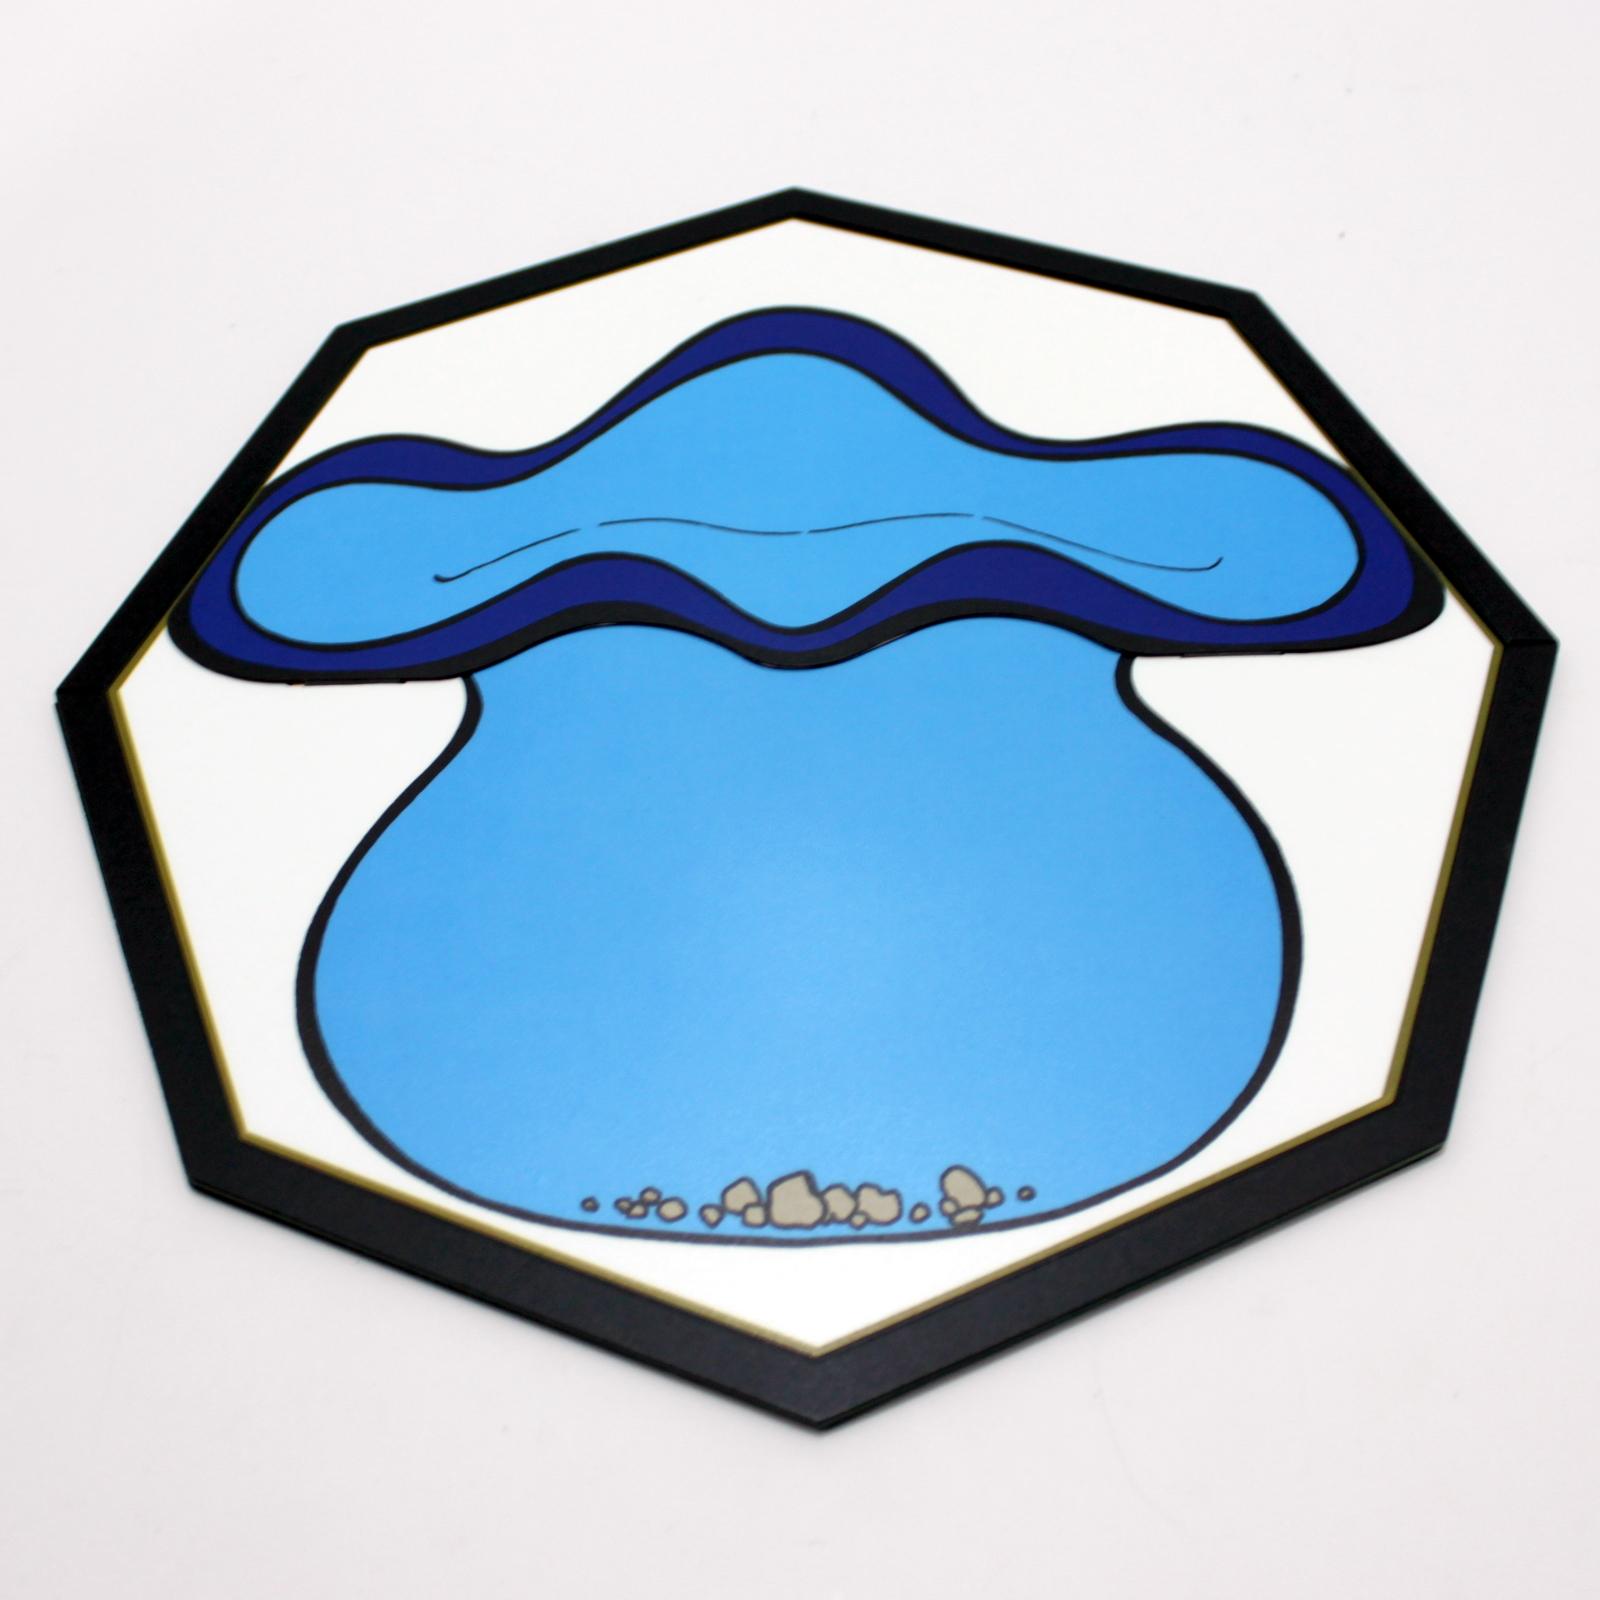 FishBowl Mystery by Ton Onosaka